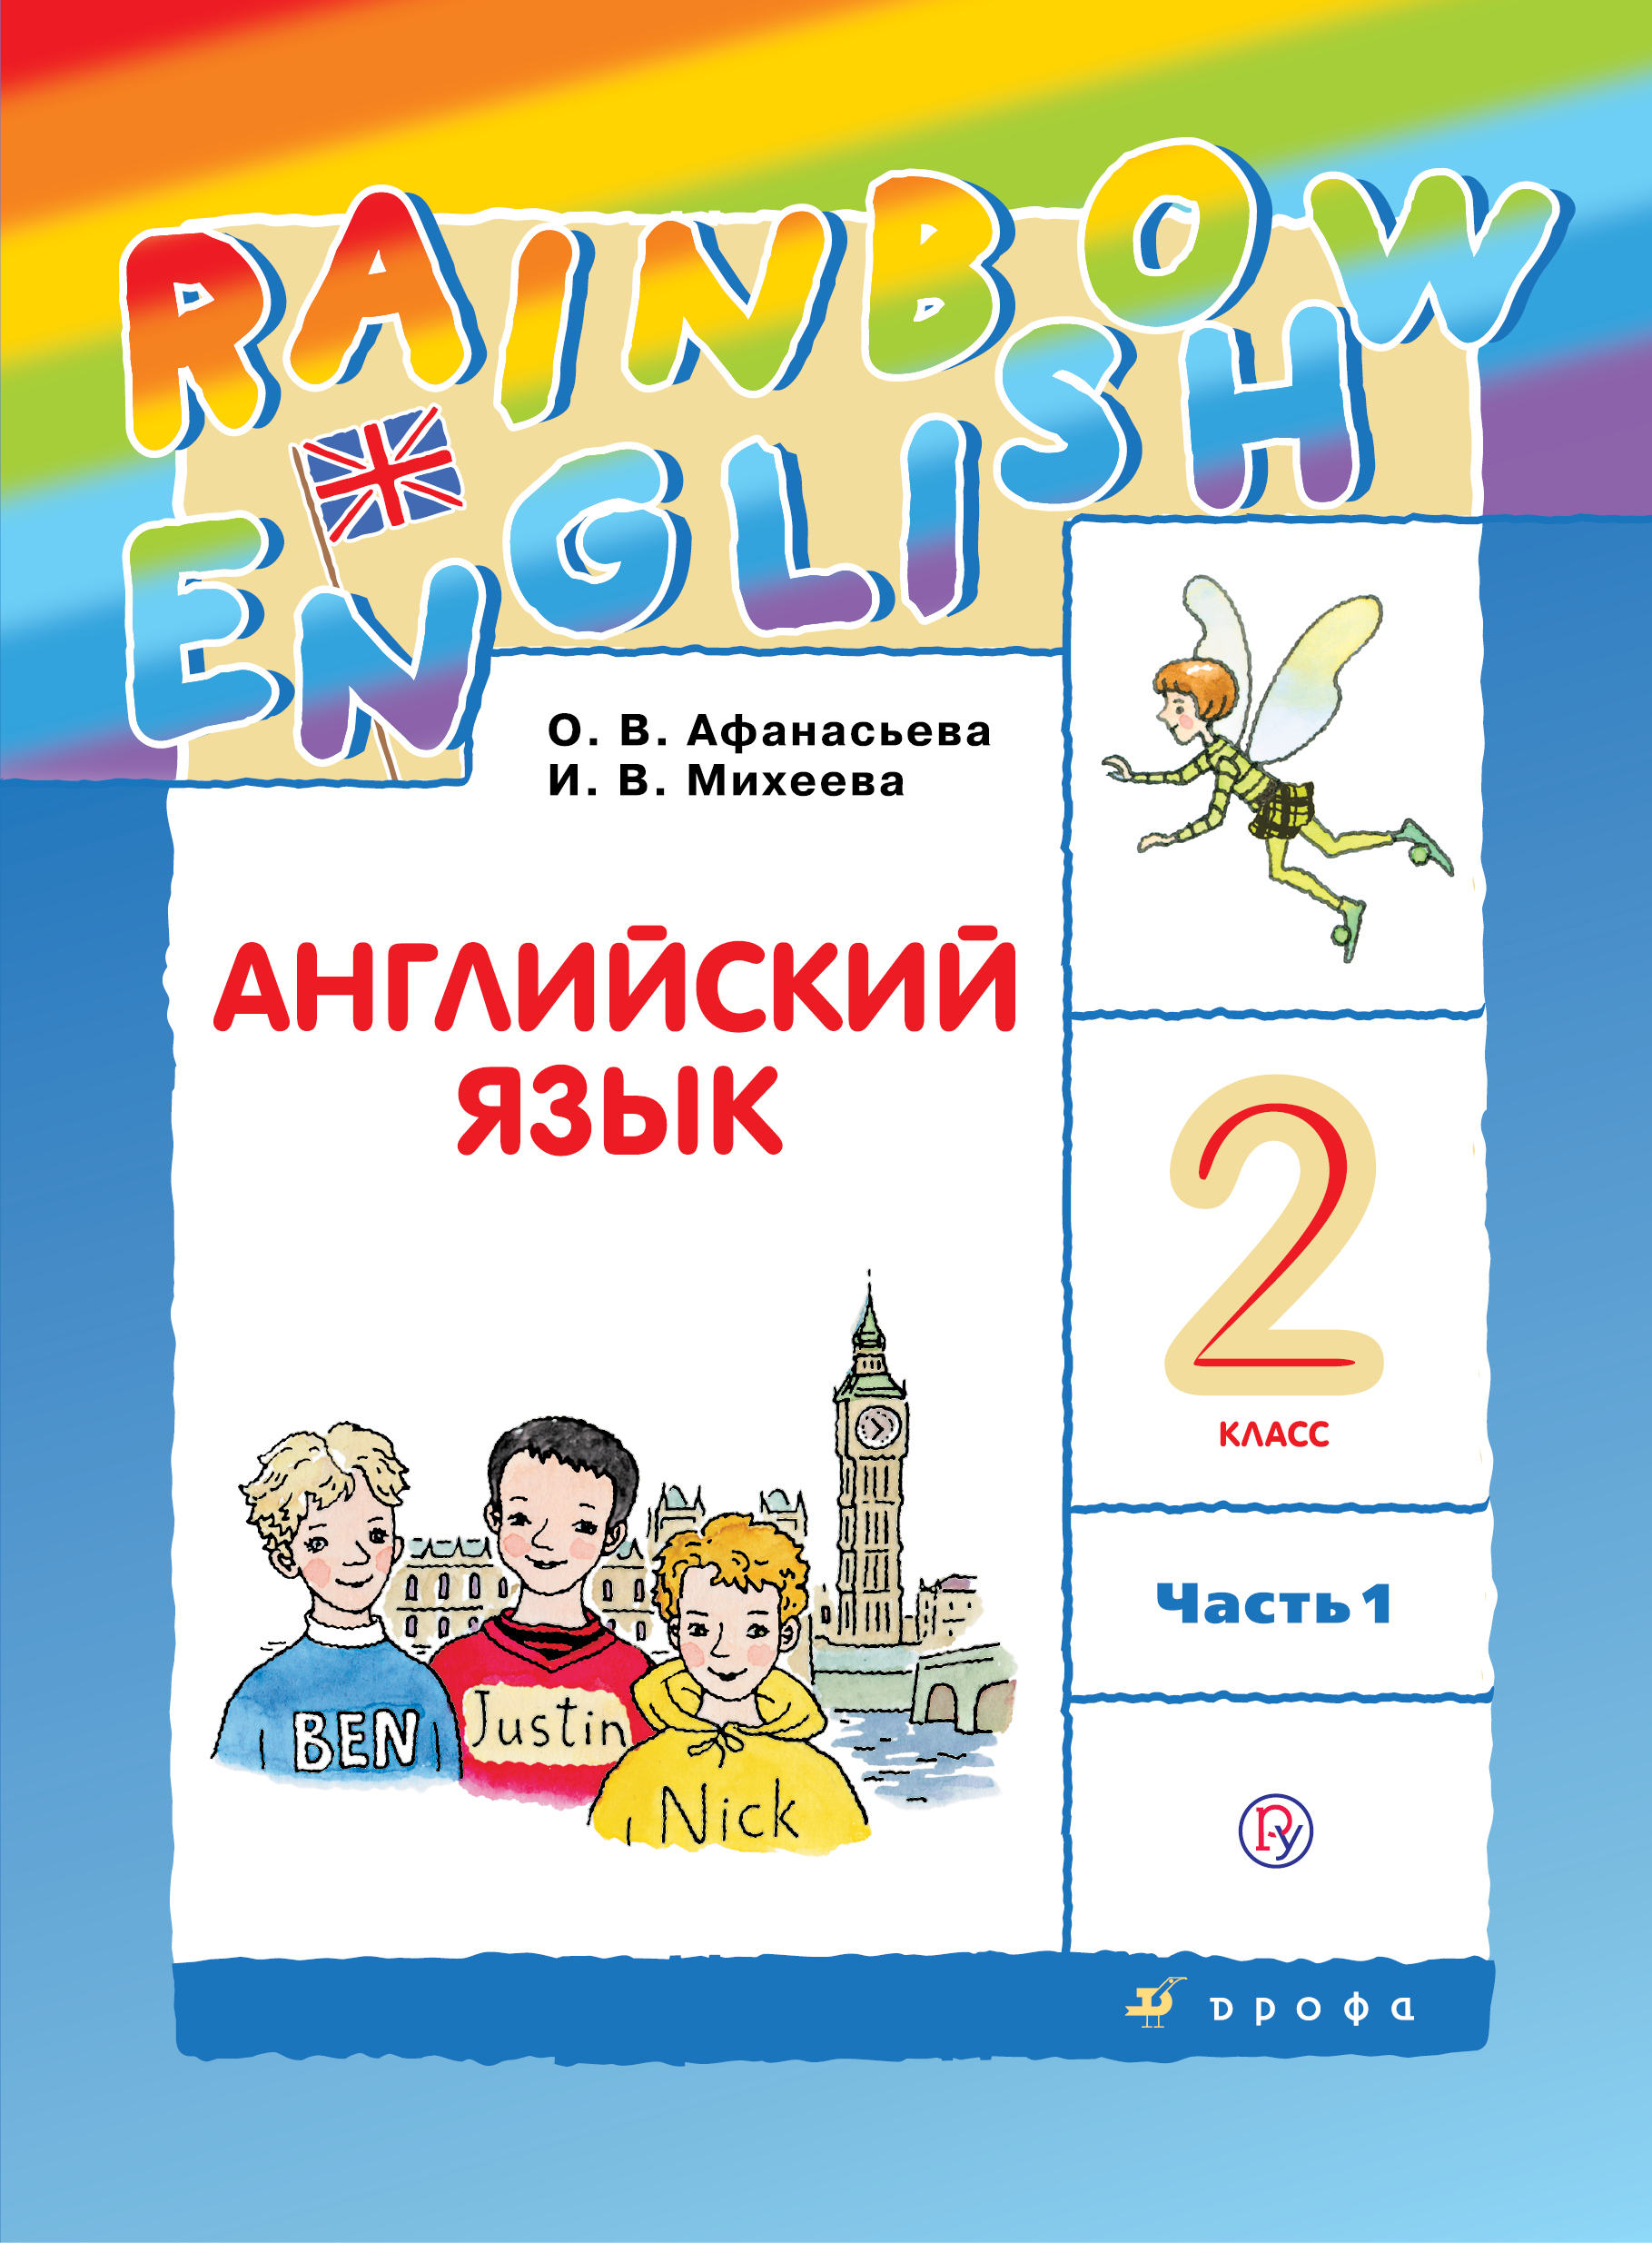 Английский язык. 2 класс. Часть 1. Учебник. ( Афанасьева О.В., Михеева И.В.  )